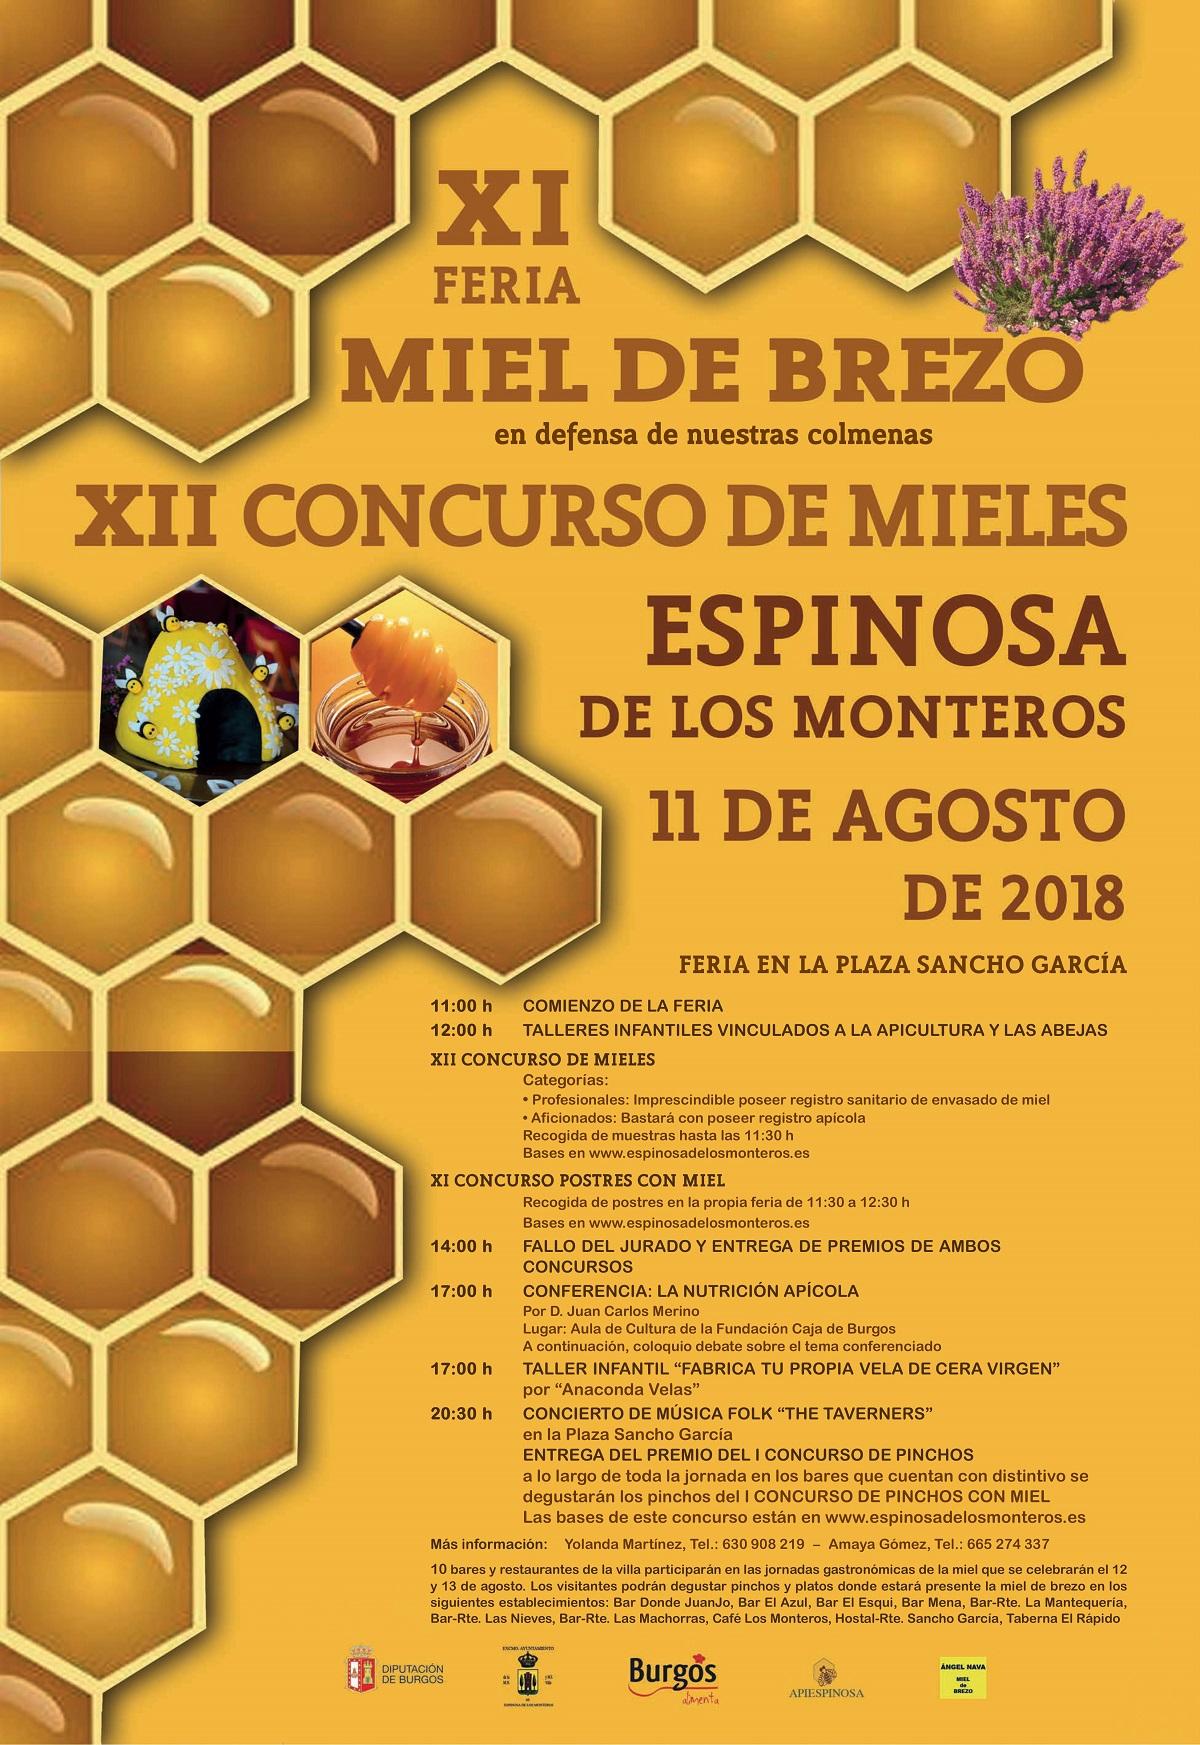 2018 cartel miel brezo espinosa de losmonteros